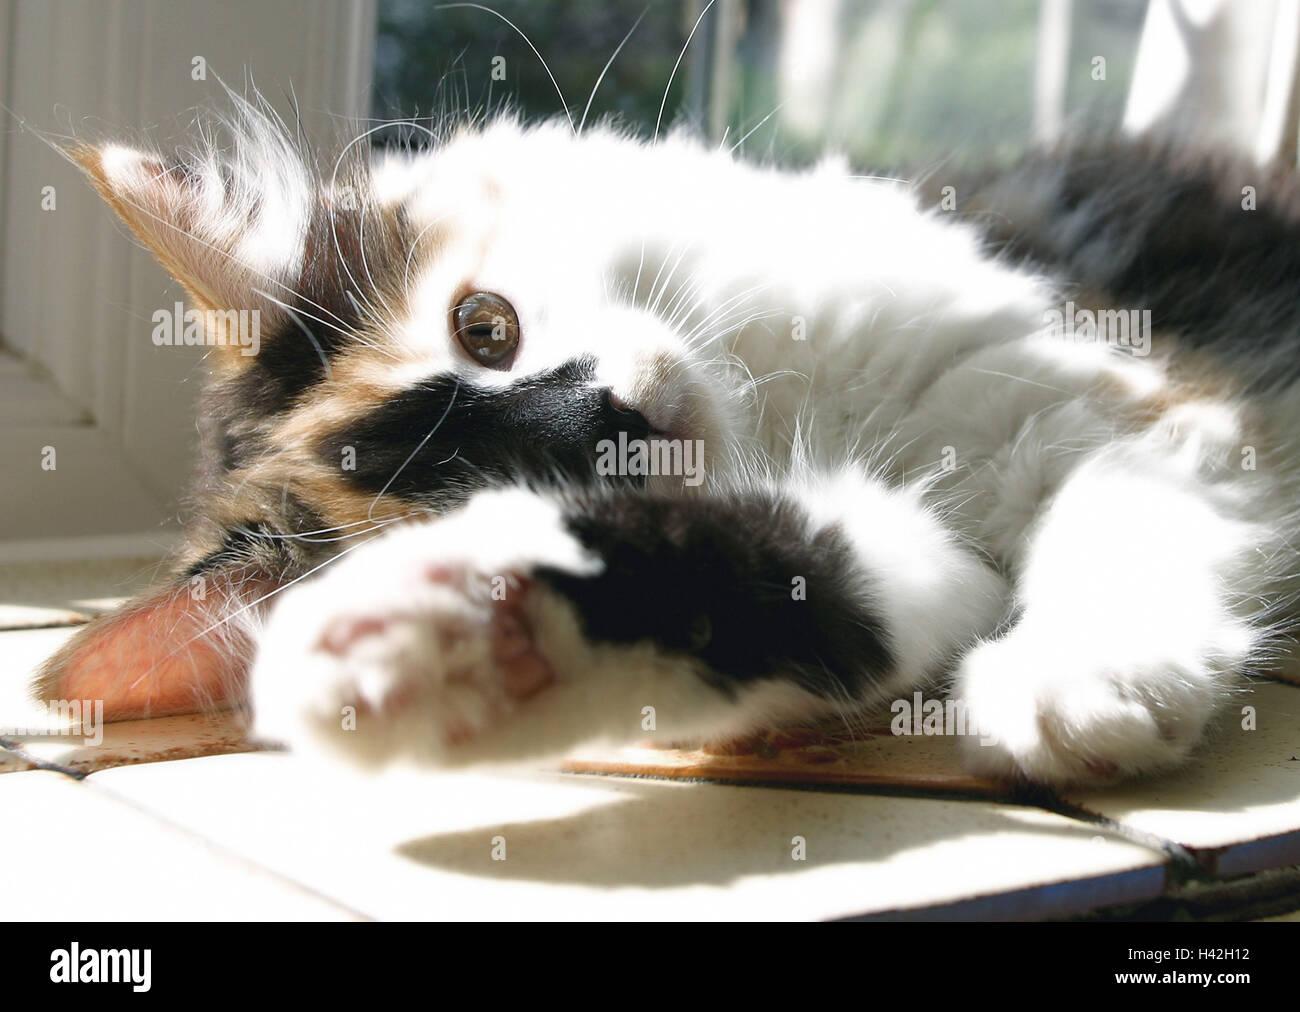 Gato, mentira, tres jóvenes de color, reproducción, detalle ...